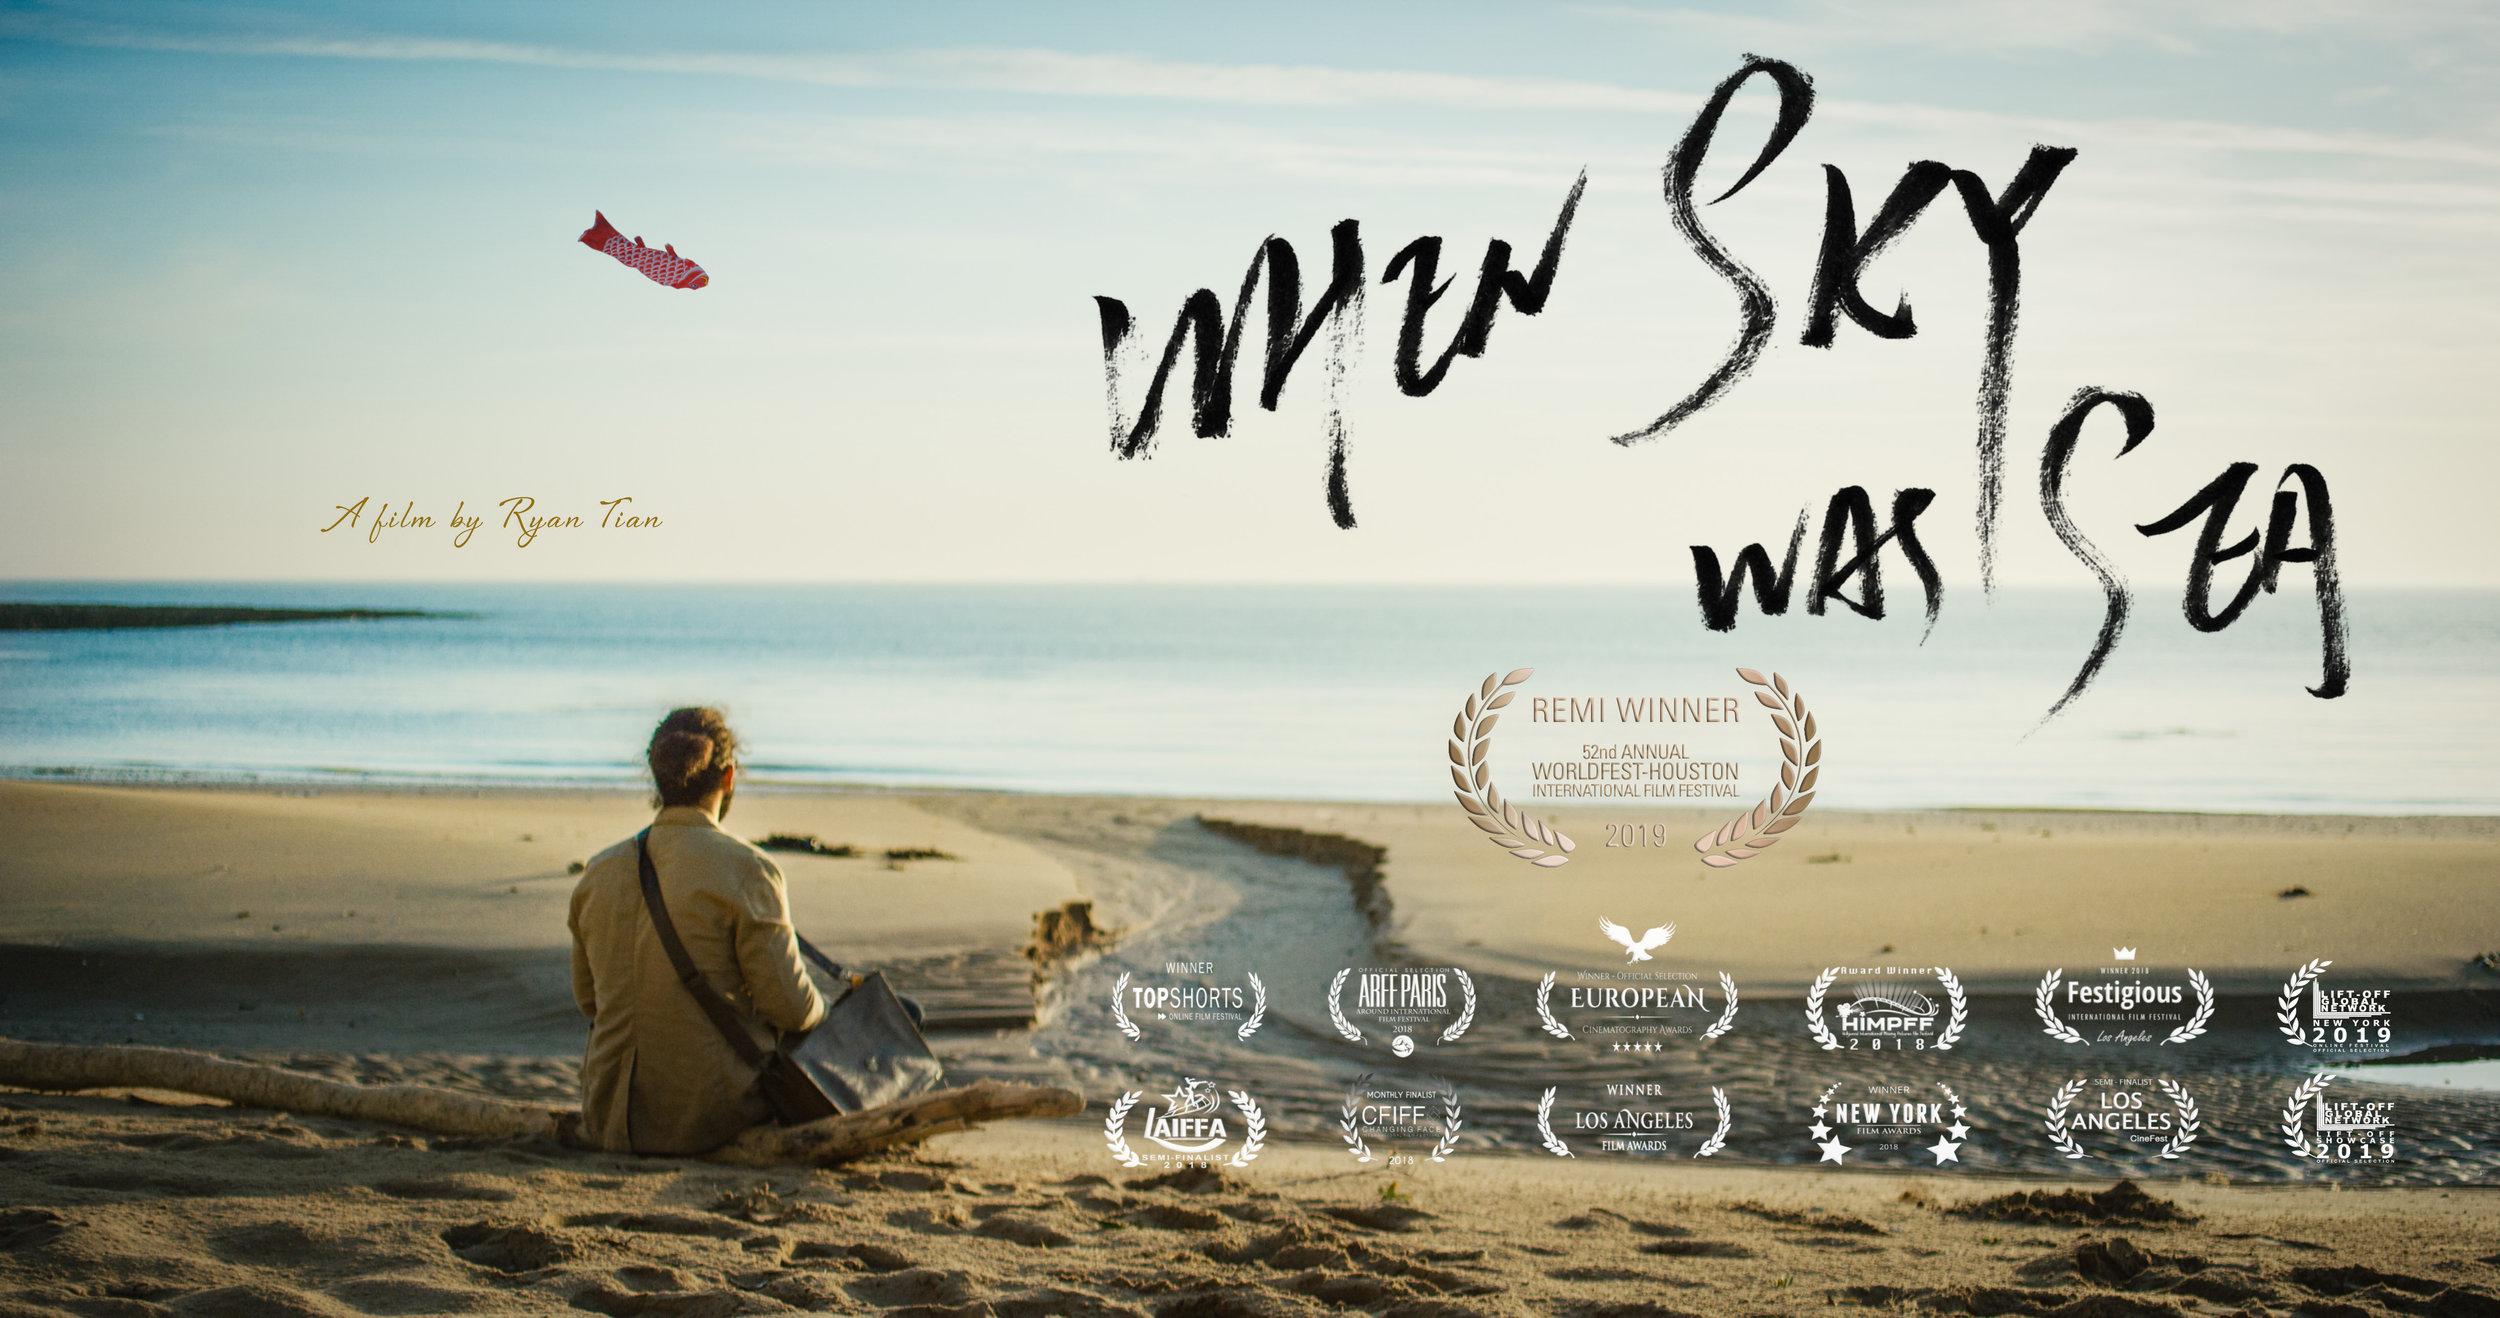 WSWS_Poster_Film Festivals 02.jpg